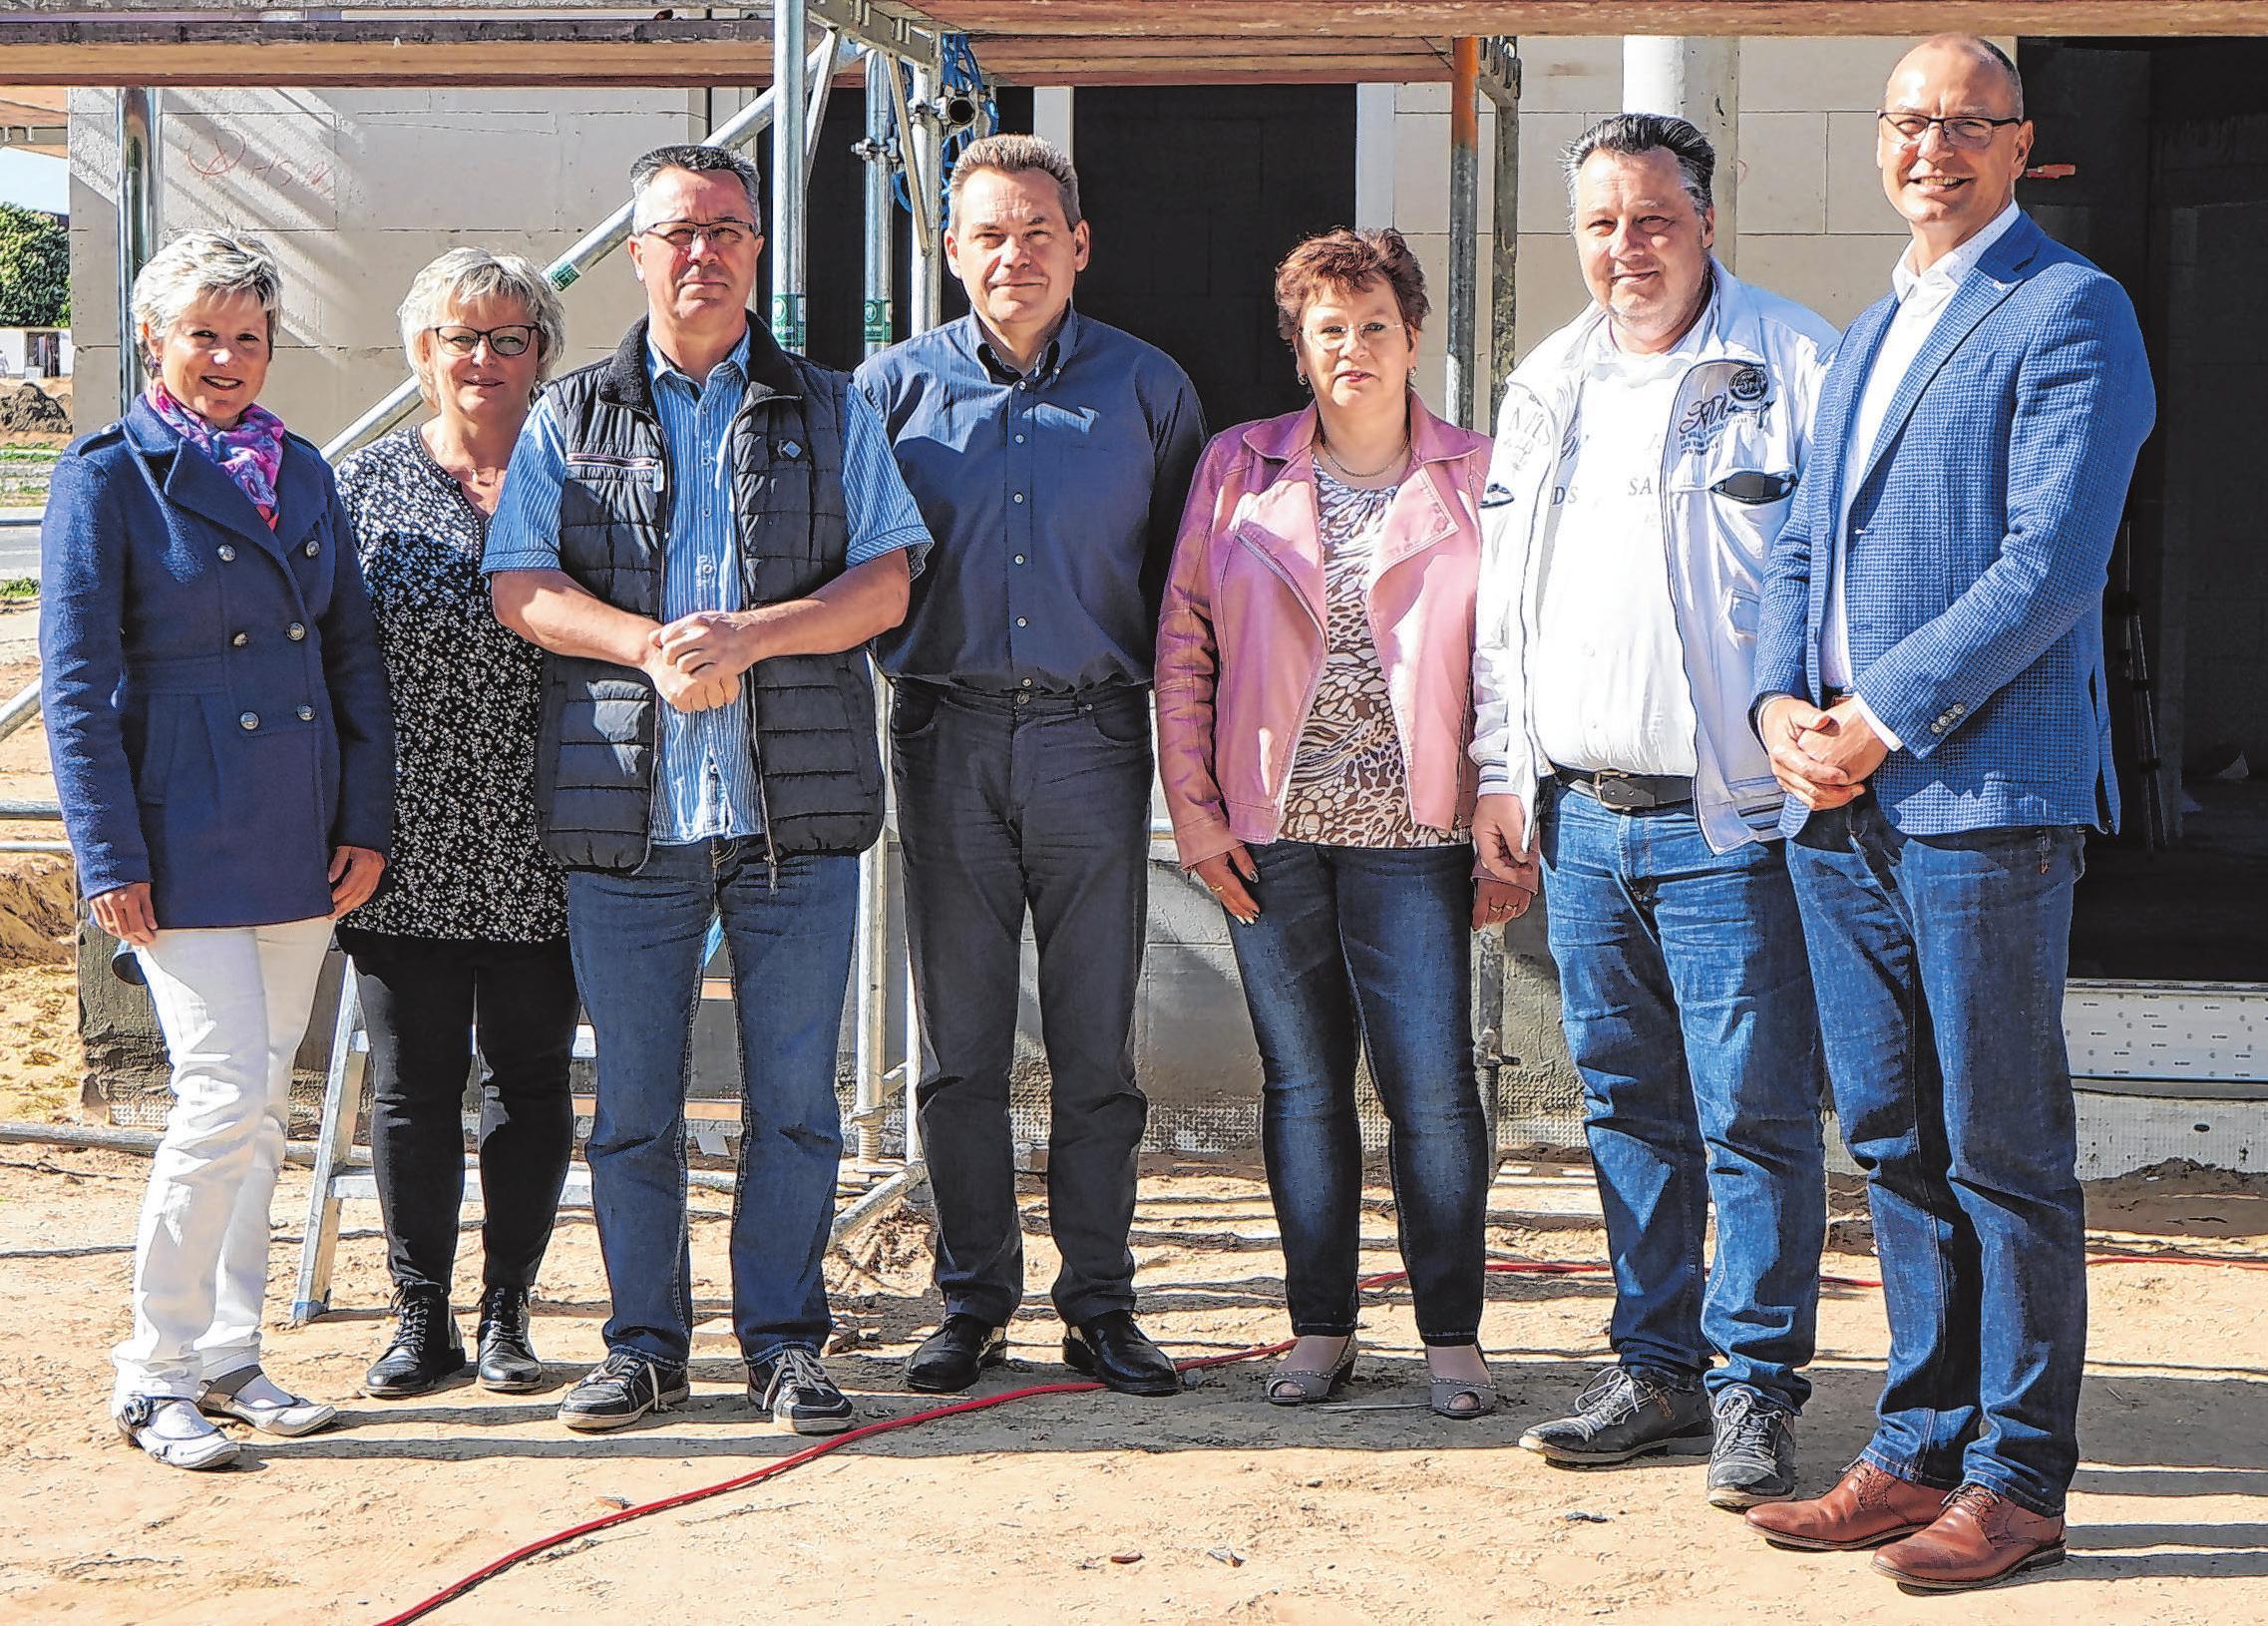 Das Team der Variodomo Bausysteme GmbH realisiert individuelle Eigenheime für private Bauherren, vom ersten Entwurf bis zur Schlüsselübergabe. Fotos (2): Andrea Steinert